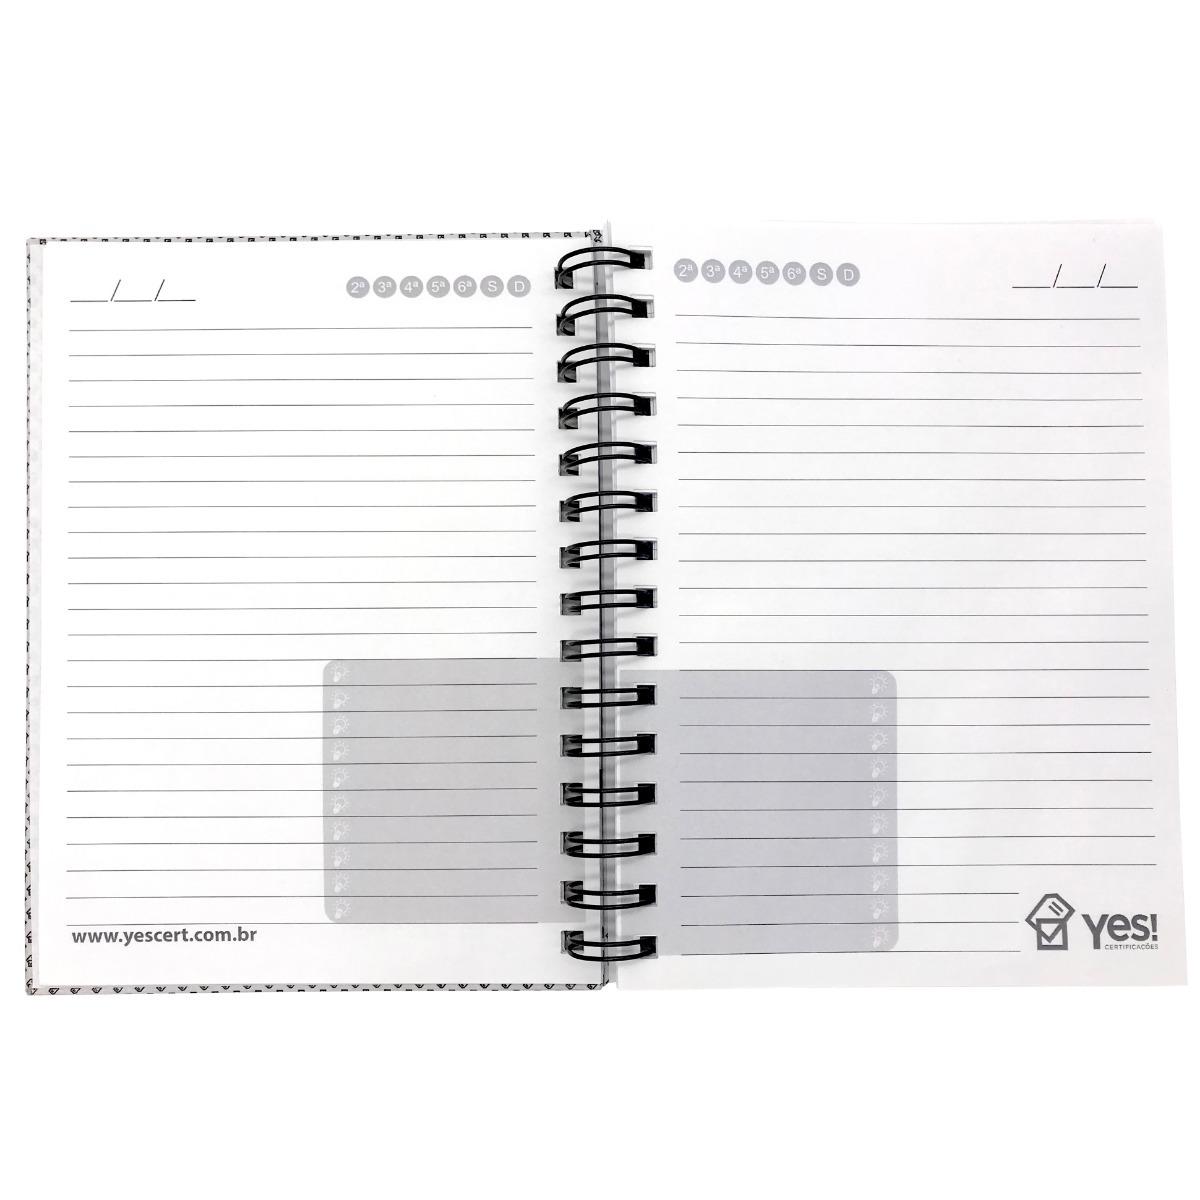 da5f2f9c5 50 Cadernos Capa Dura Personalizado 17